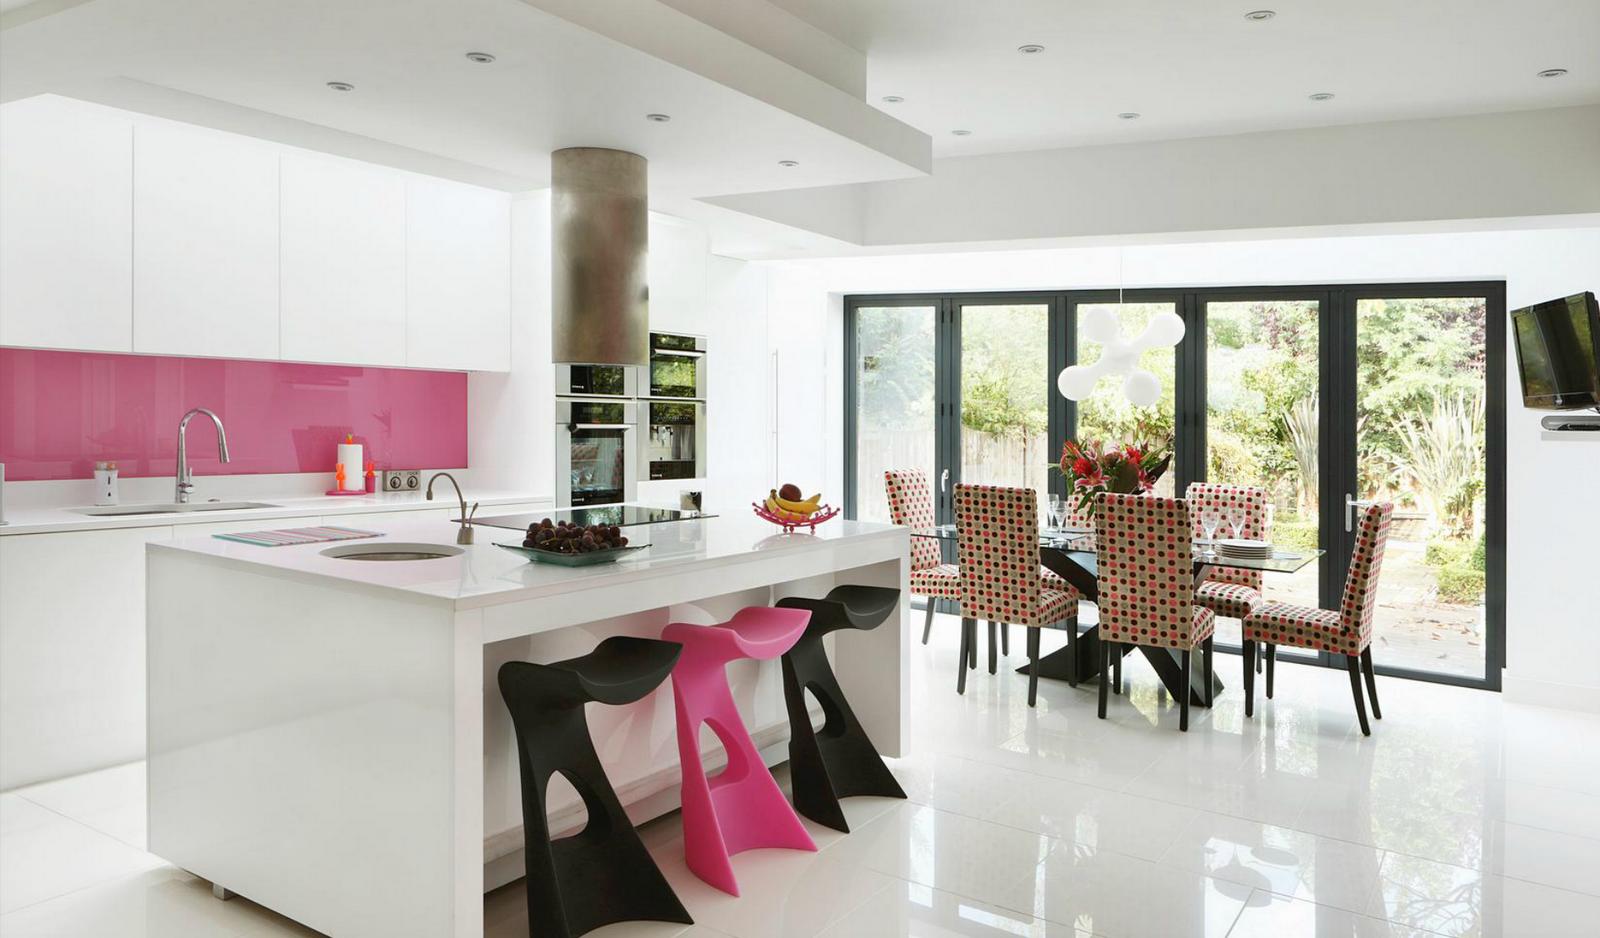 Sala De Jantar E Cozinha Conjugada ~   arquitetura e construção Cozinha, receber em tom de rosa